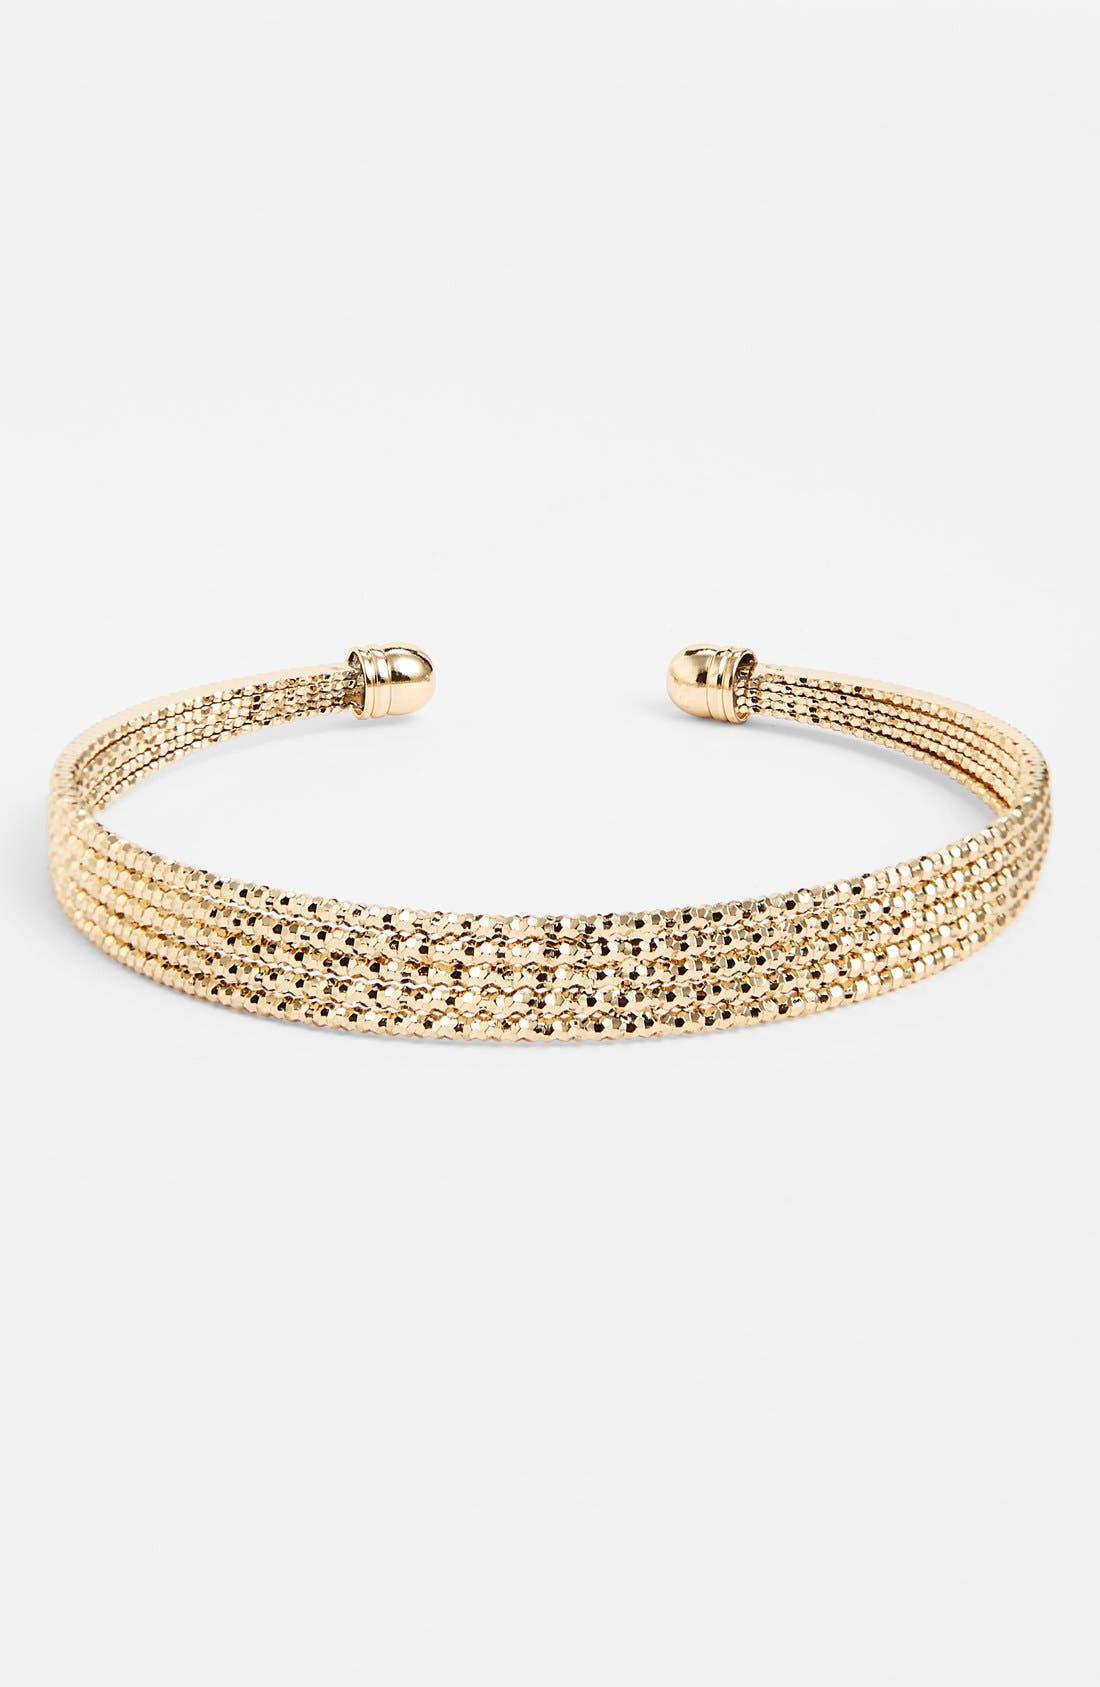 Alternate Image 1 Selected - BP. Skinny Metal Cuff Bracelet (Juniors)